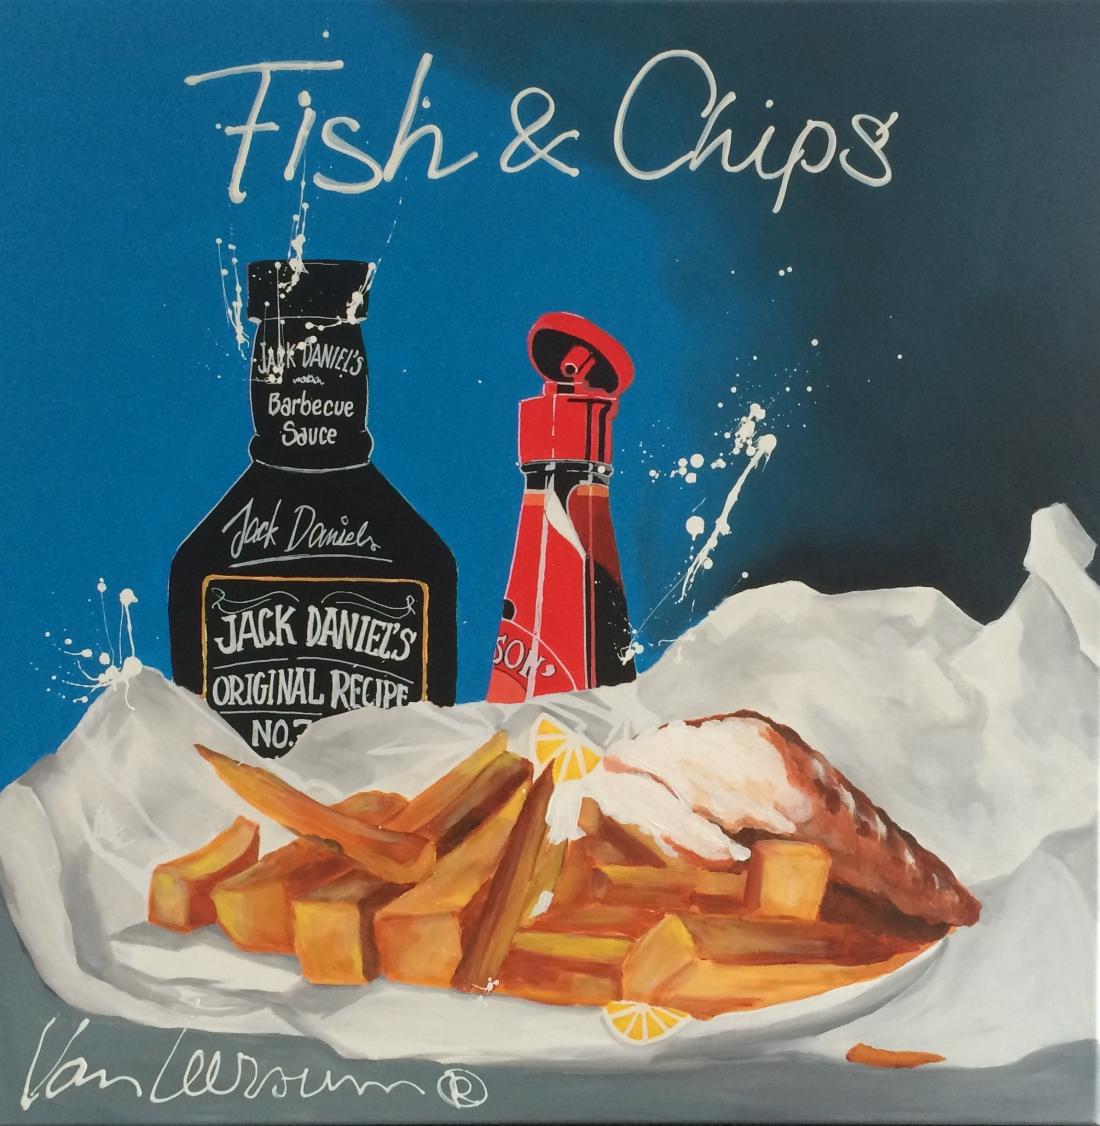 El van Leersum origineel 'Fish & Chips' 80x80